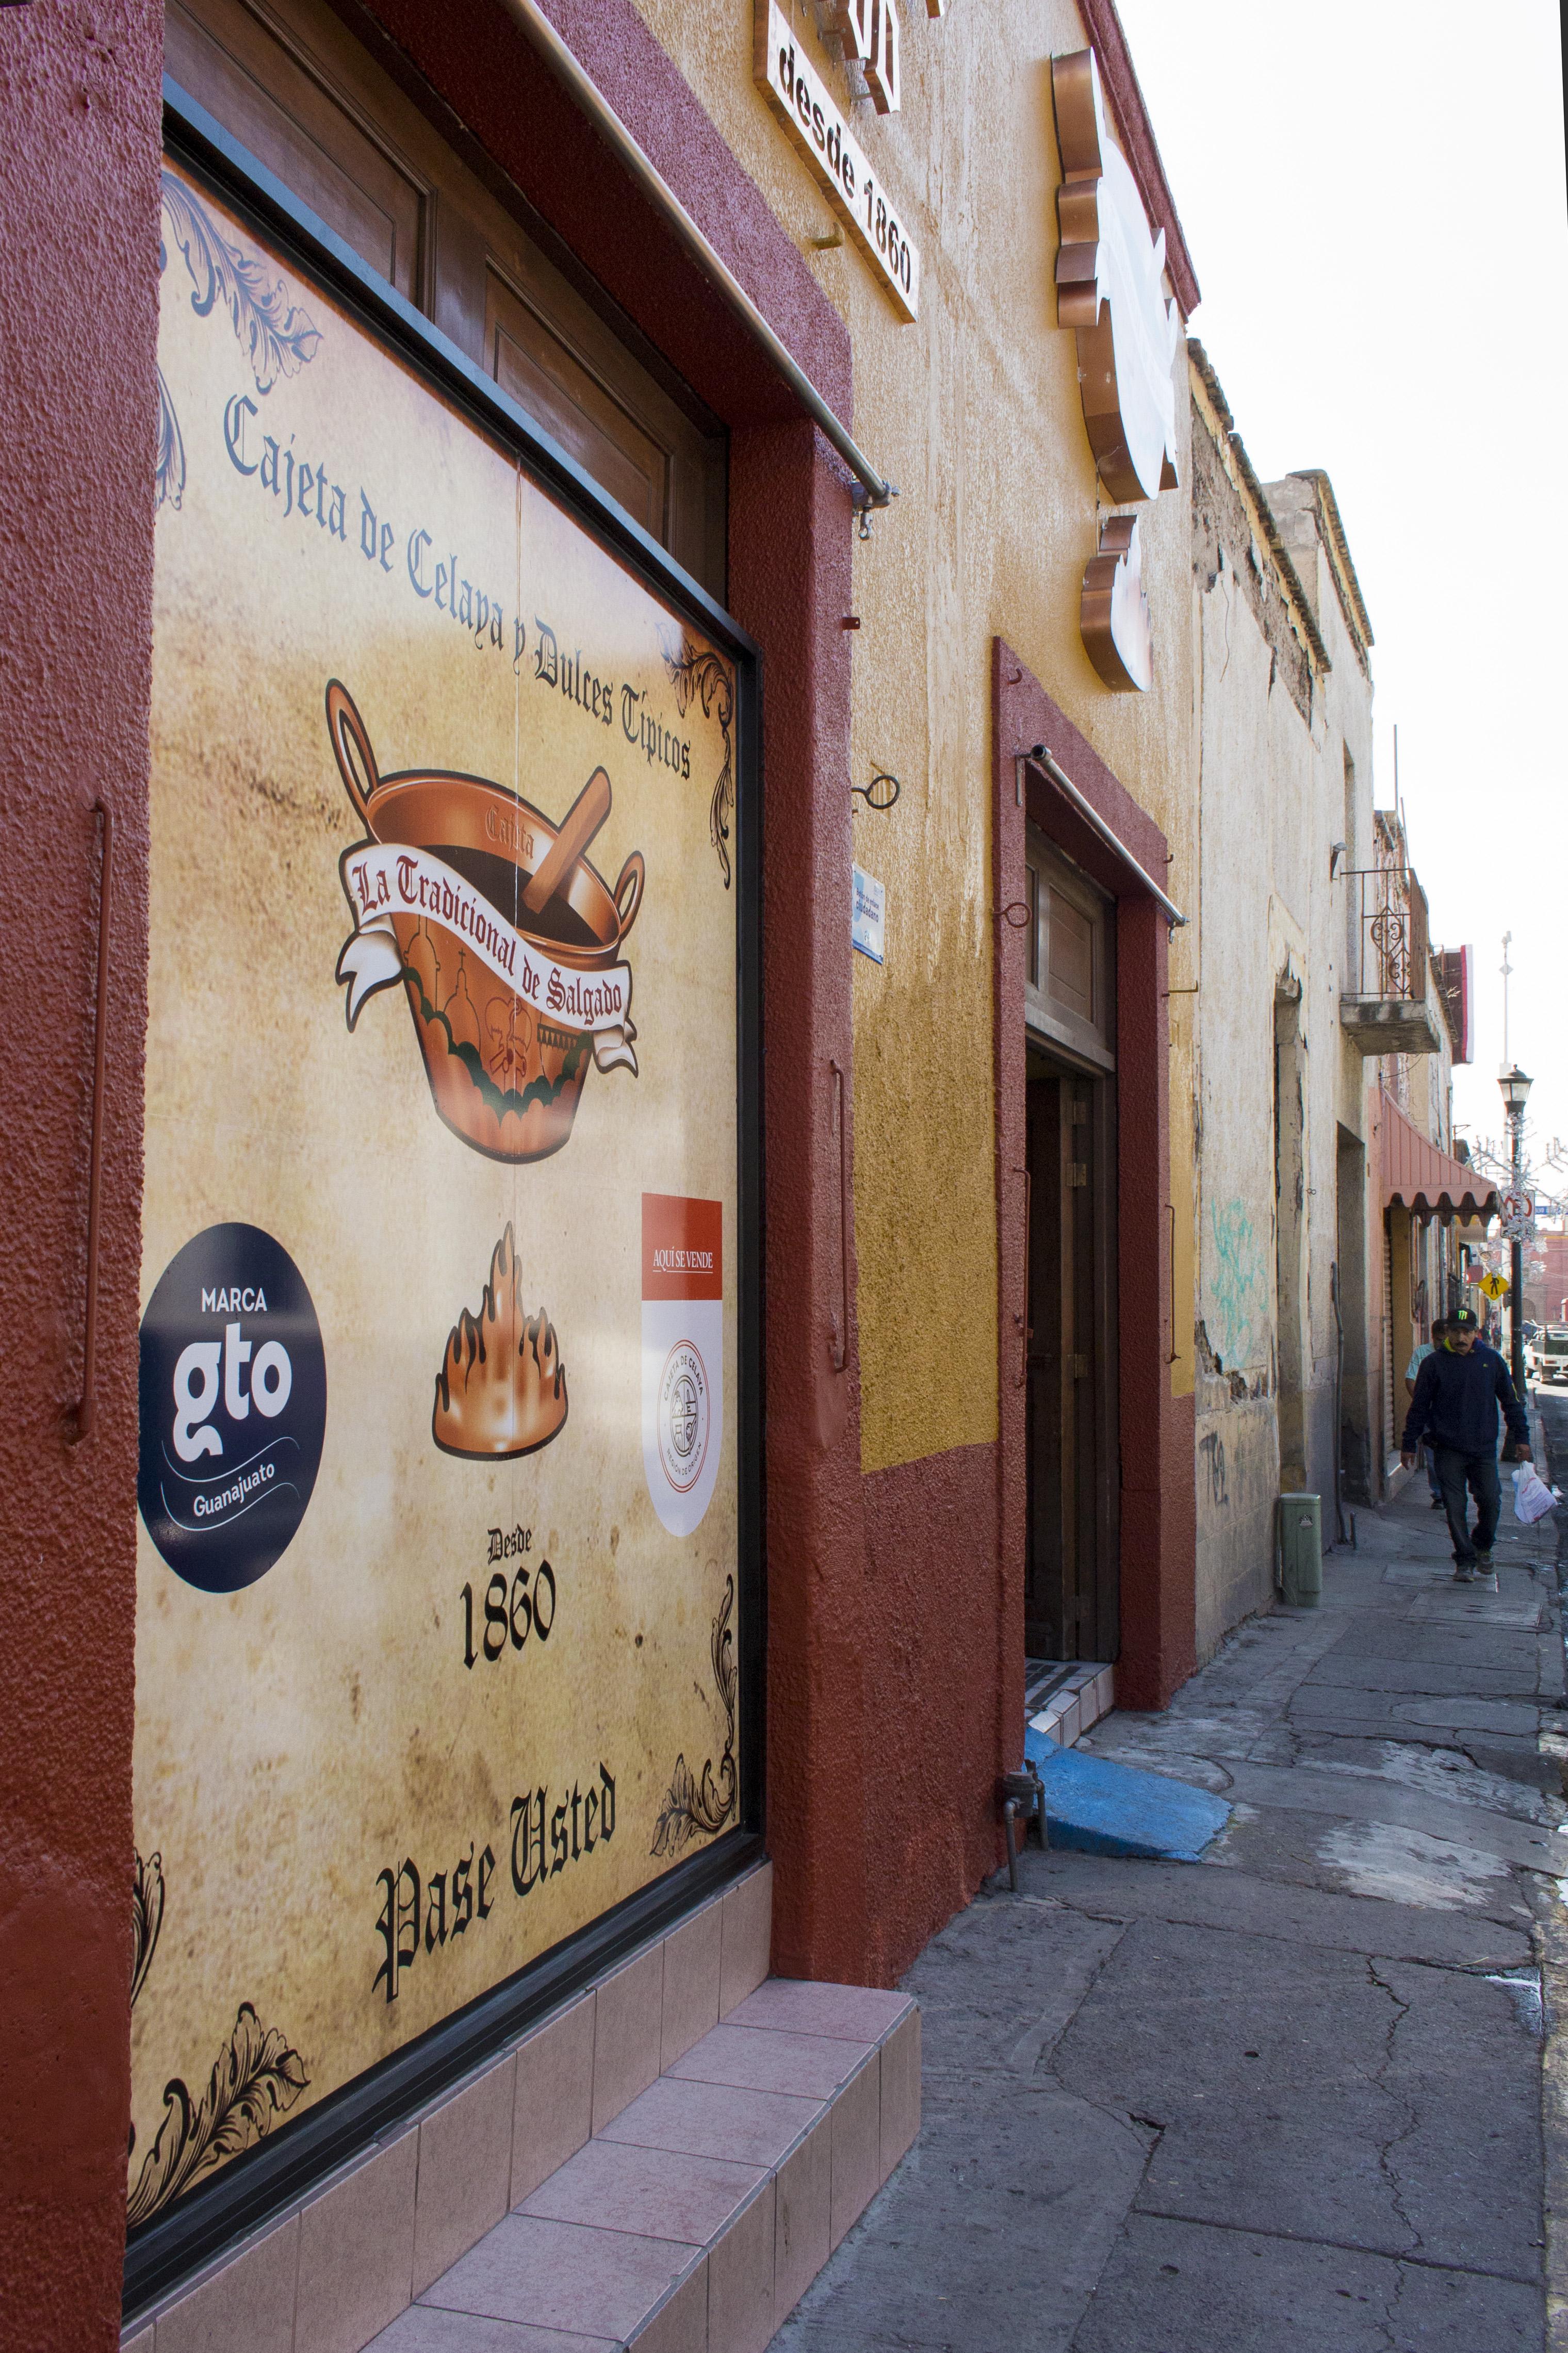 Cajeta de Celaya - La Tradicional.